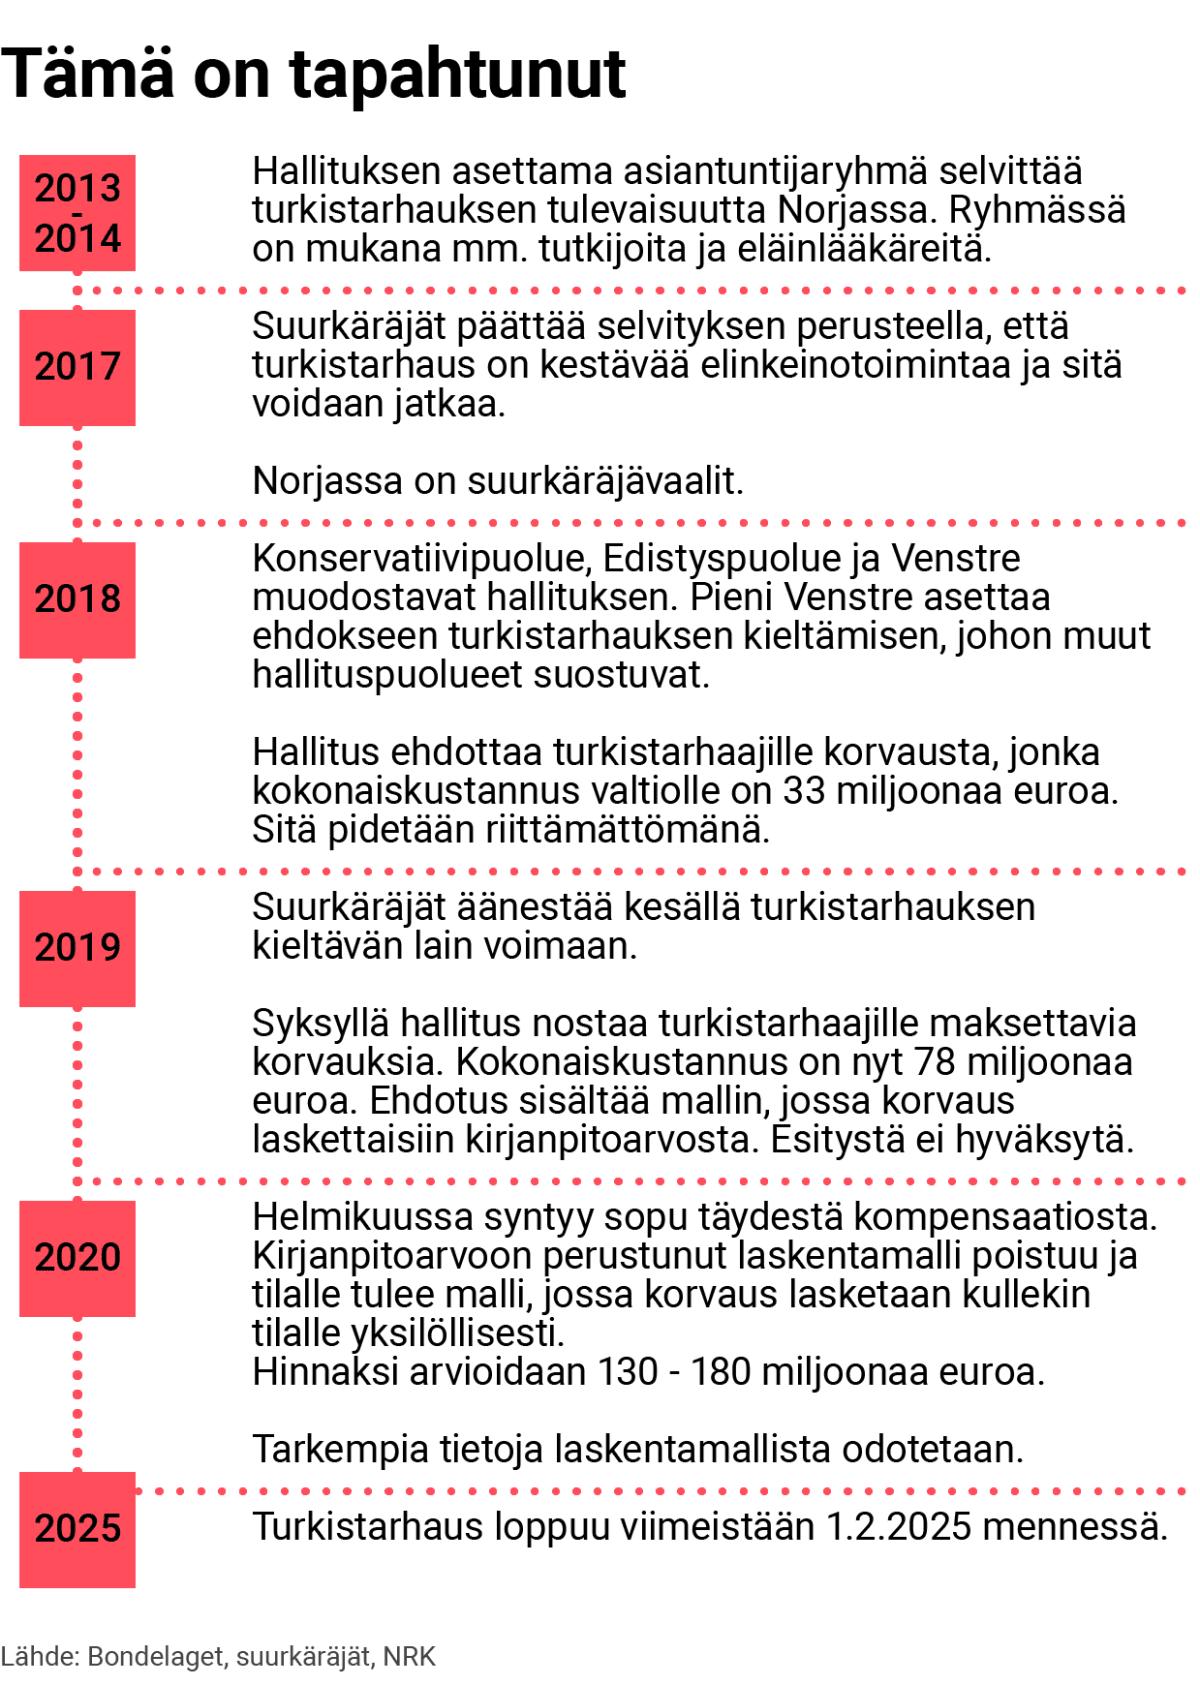 Aikajanagrafiikka turkistarhauksesta Norjassa.